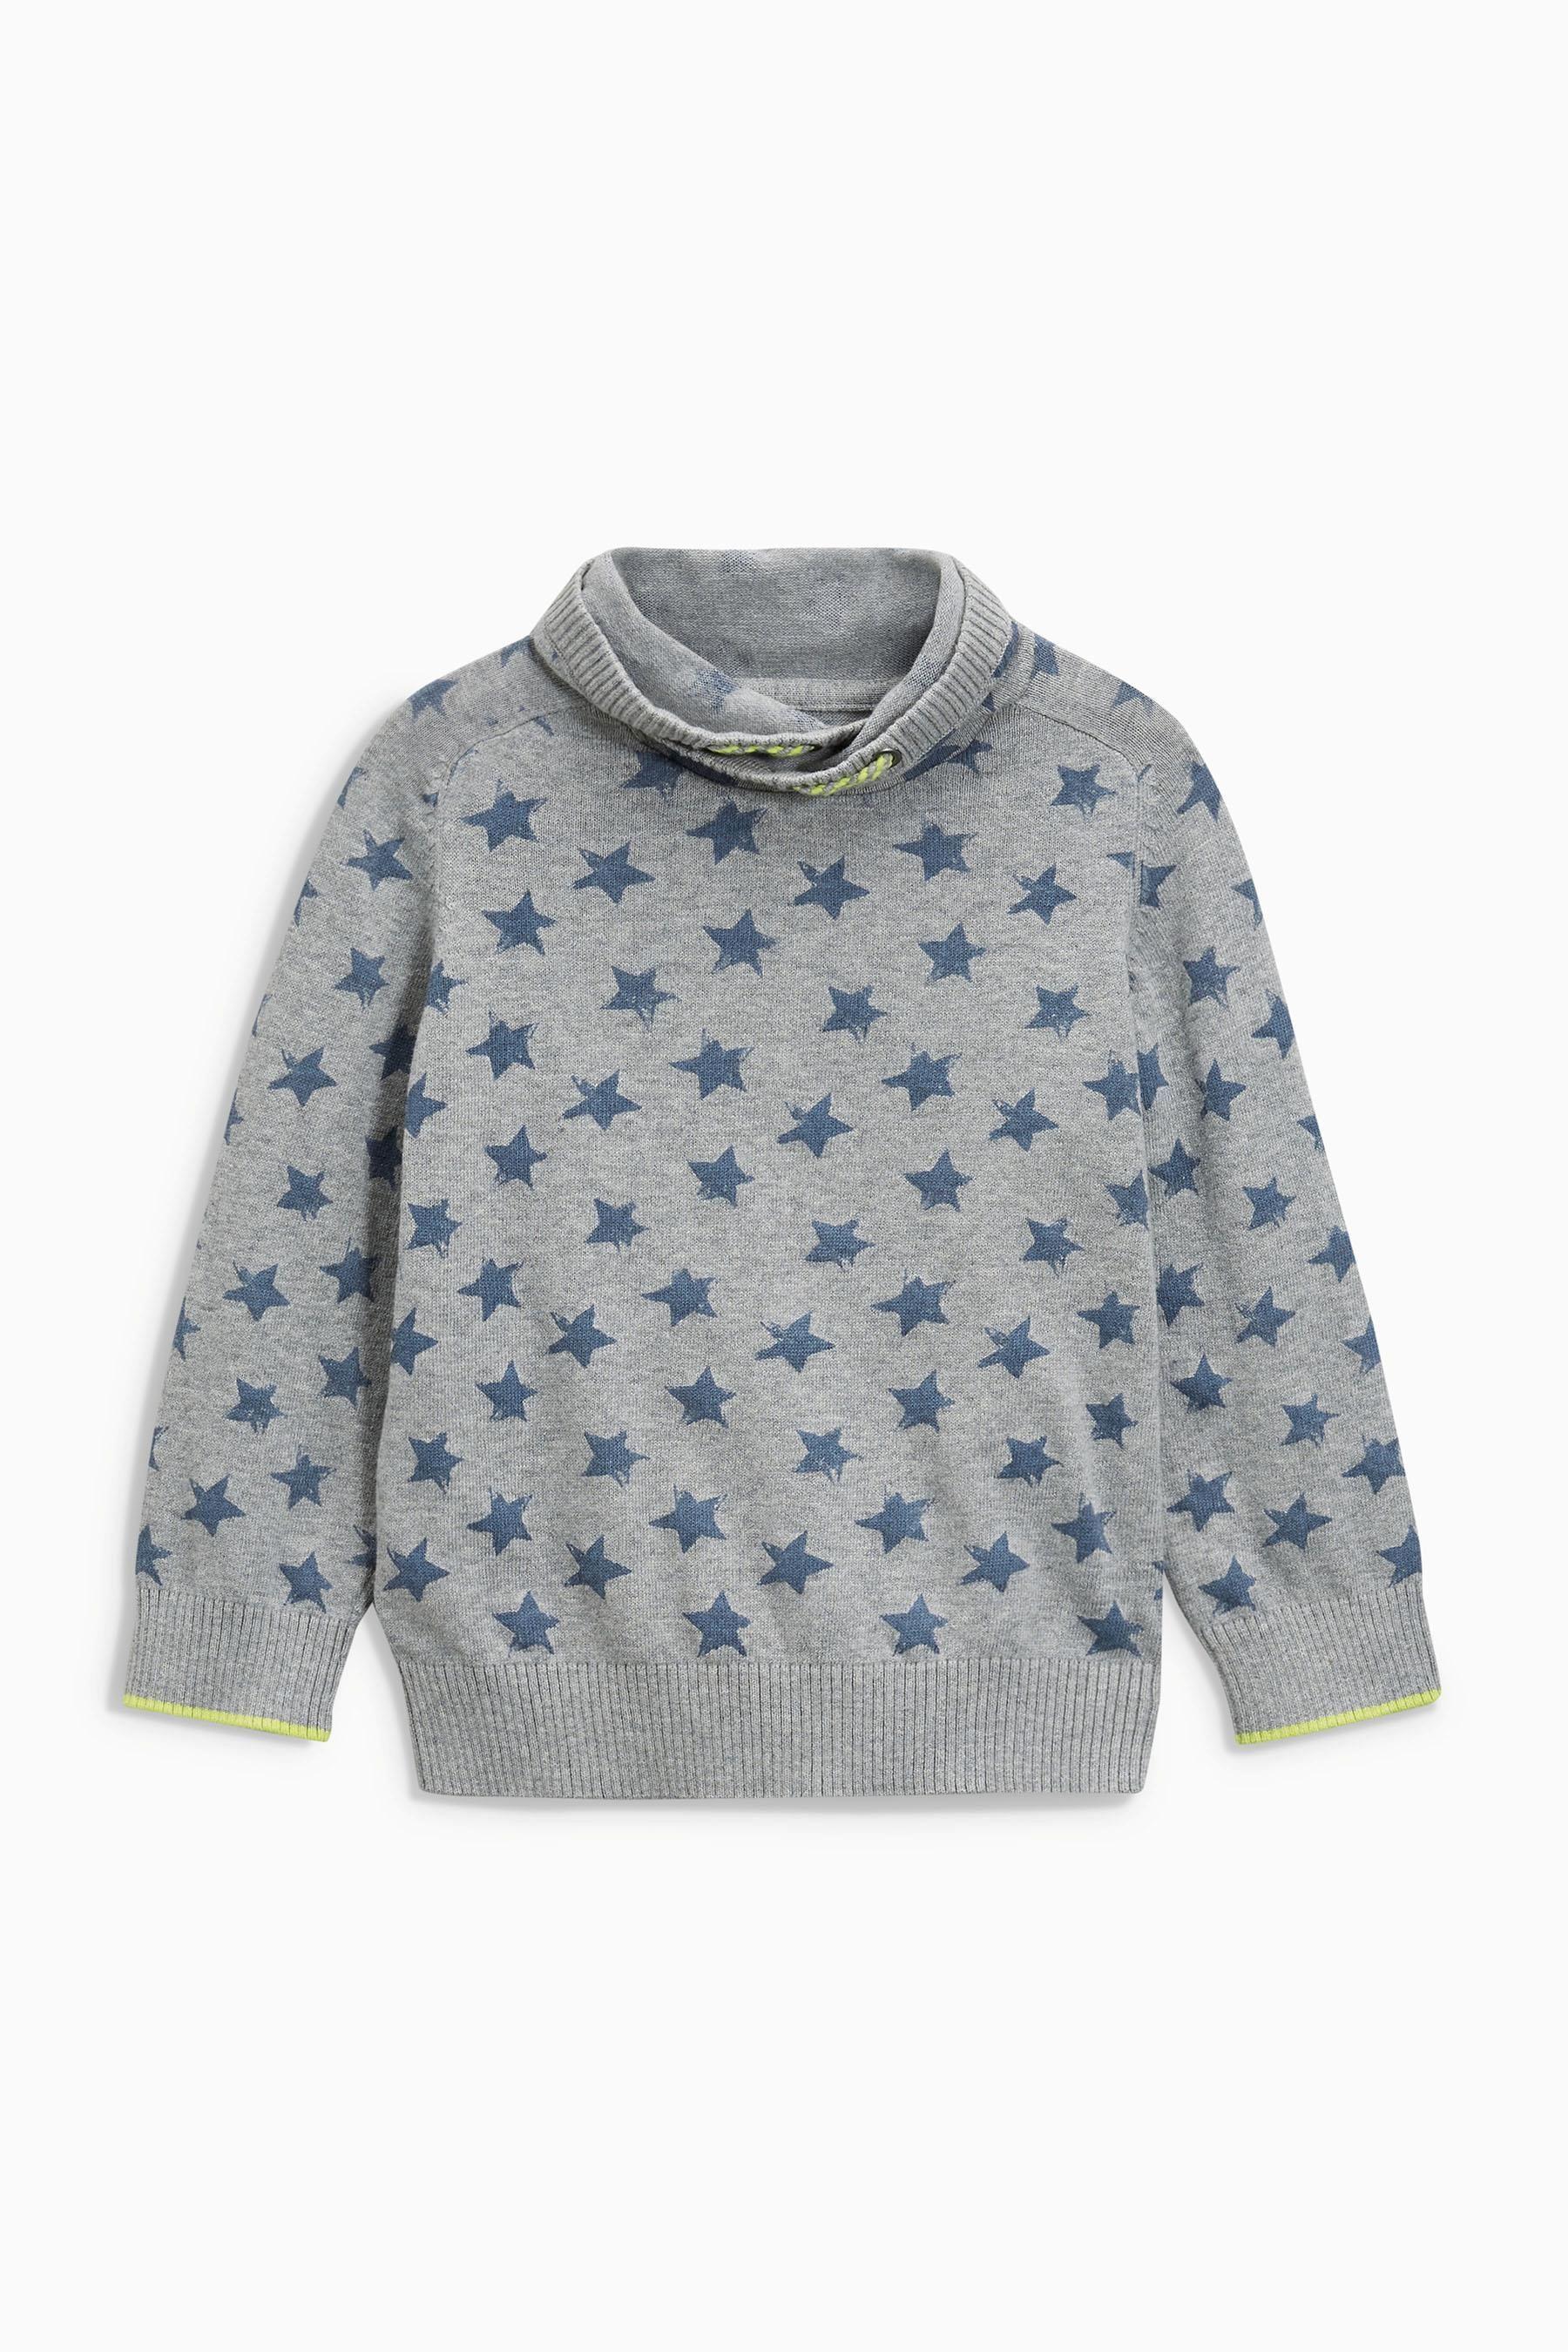 Kaufen Sie Pullover mit Wasserfallkragen (3 Monate bis 6 Jahre) heute online bei Next: Deutschland